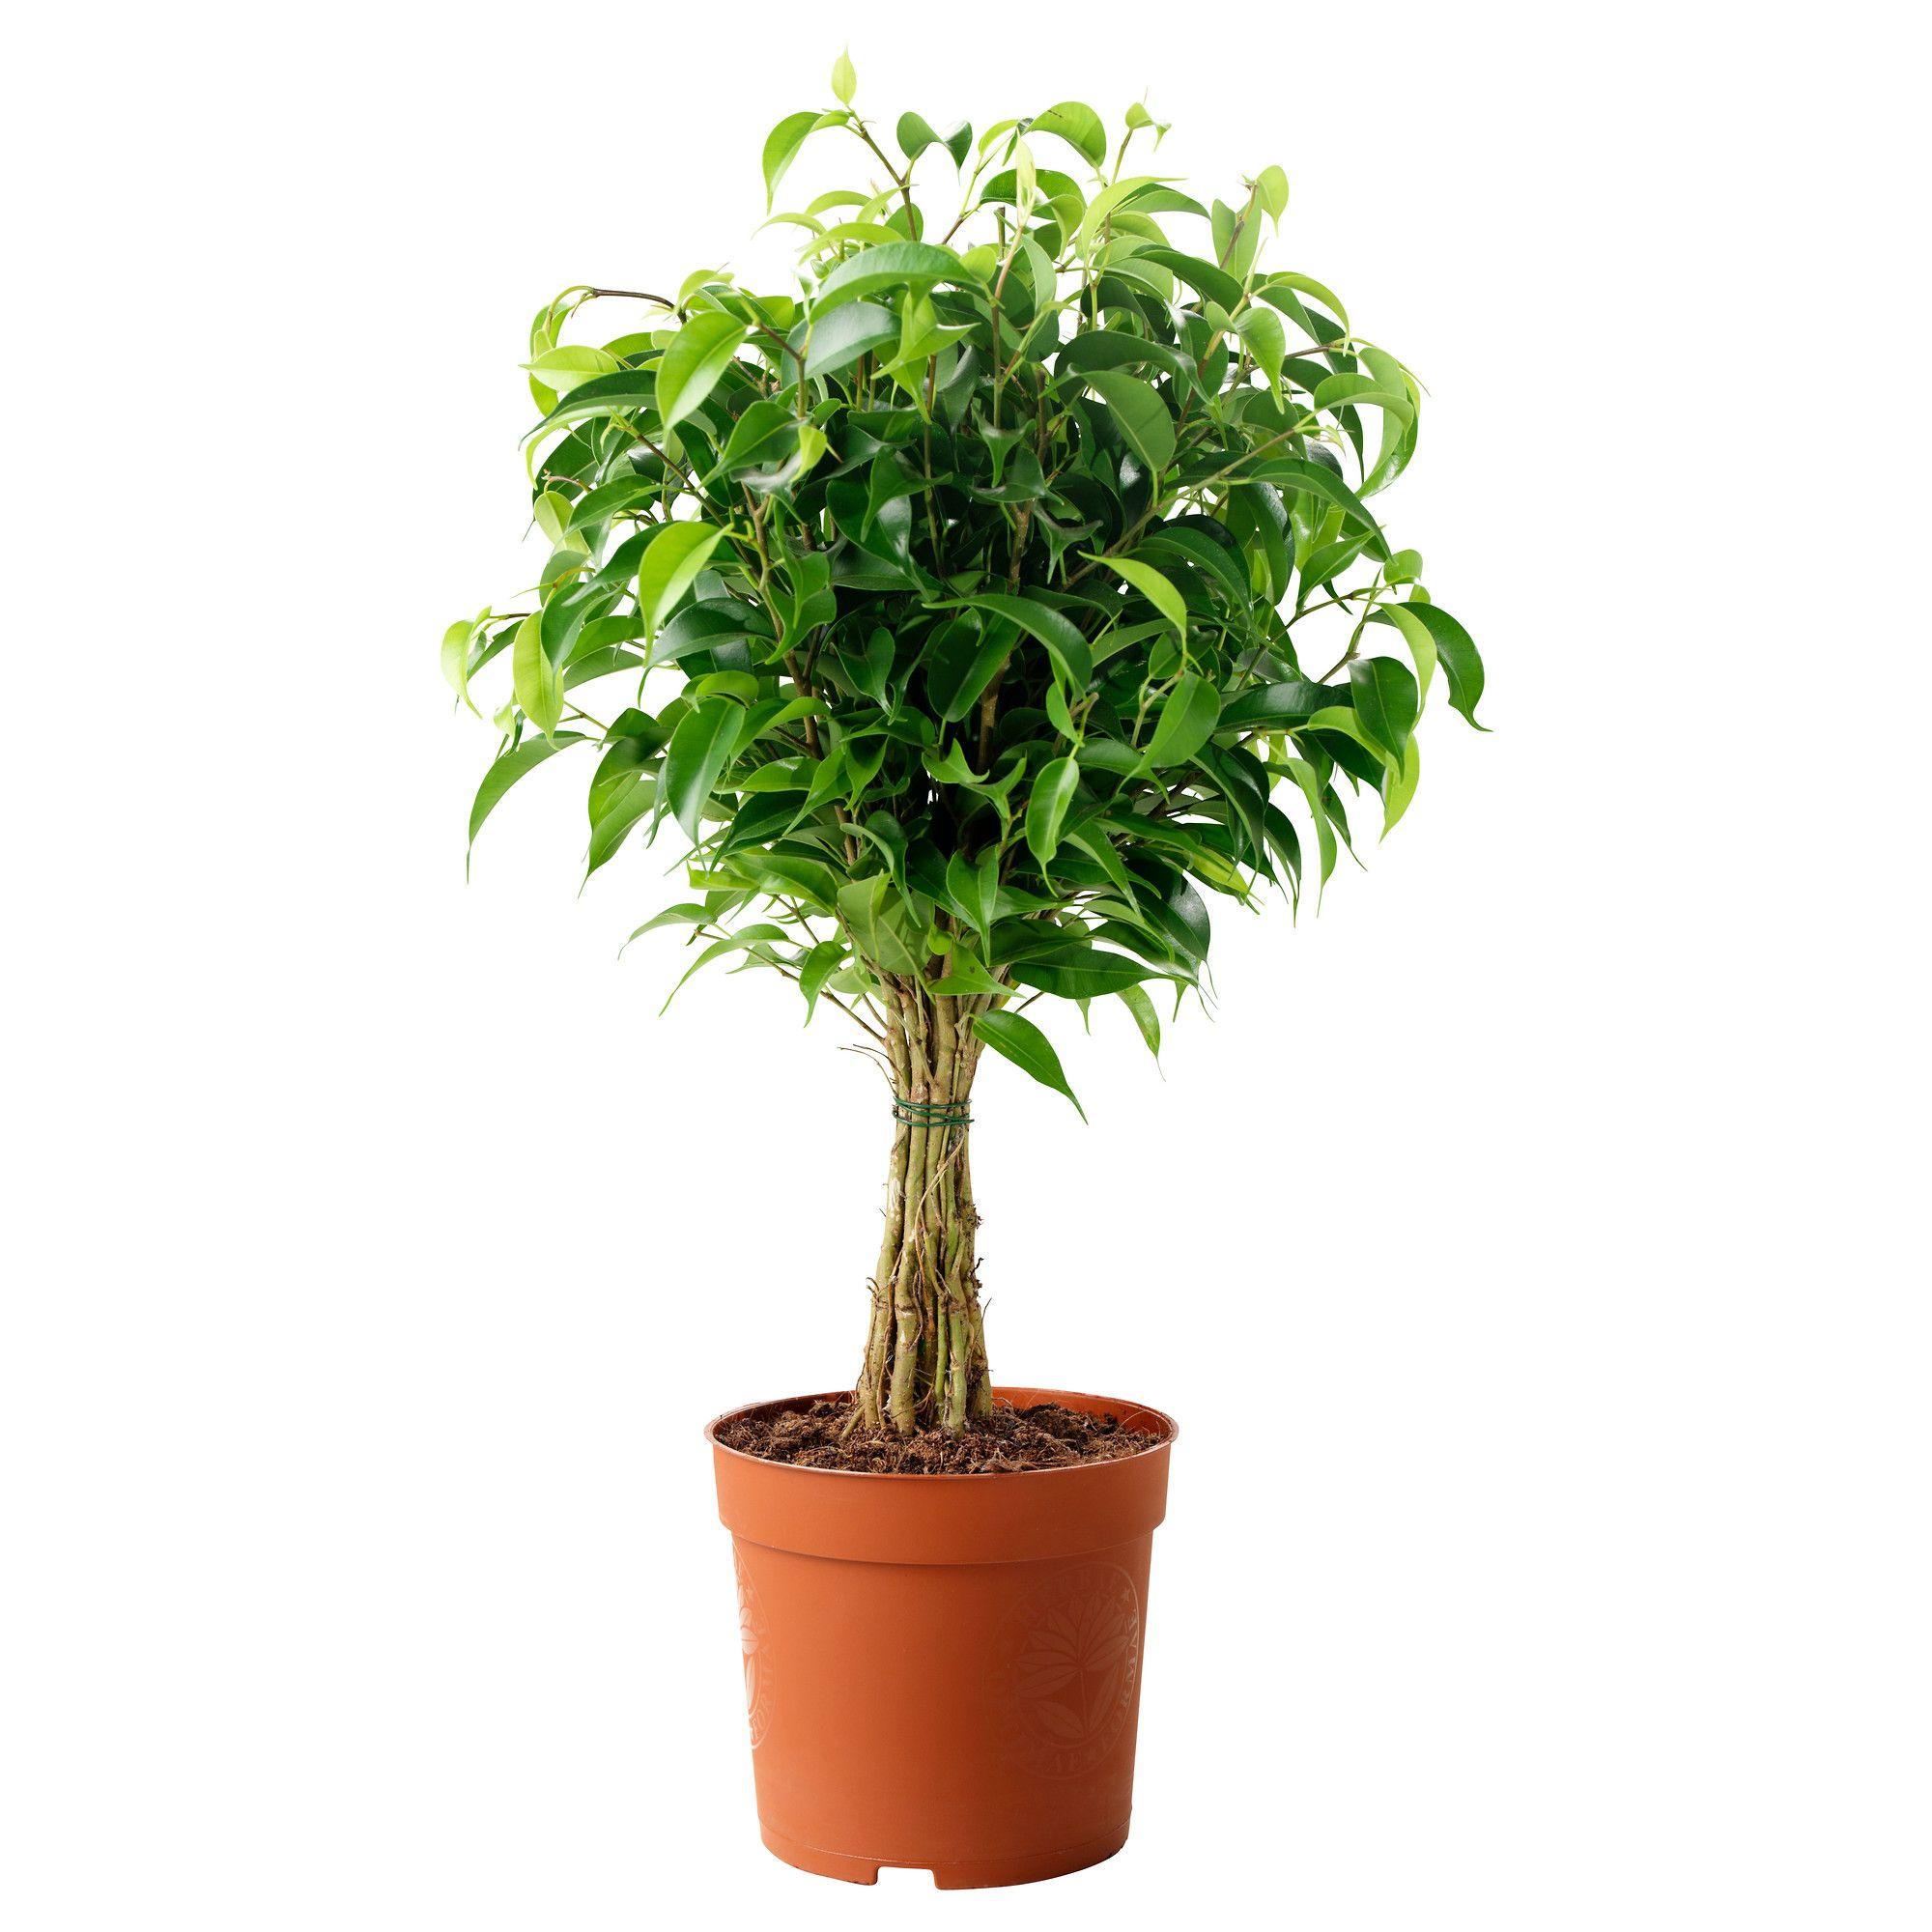 Ficus benjamina 39 natasja 39 - Ficus benjamina precio ...